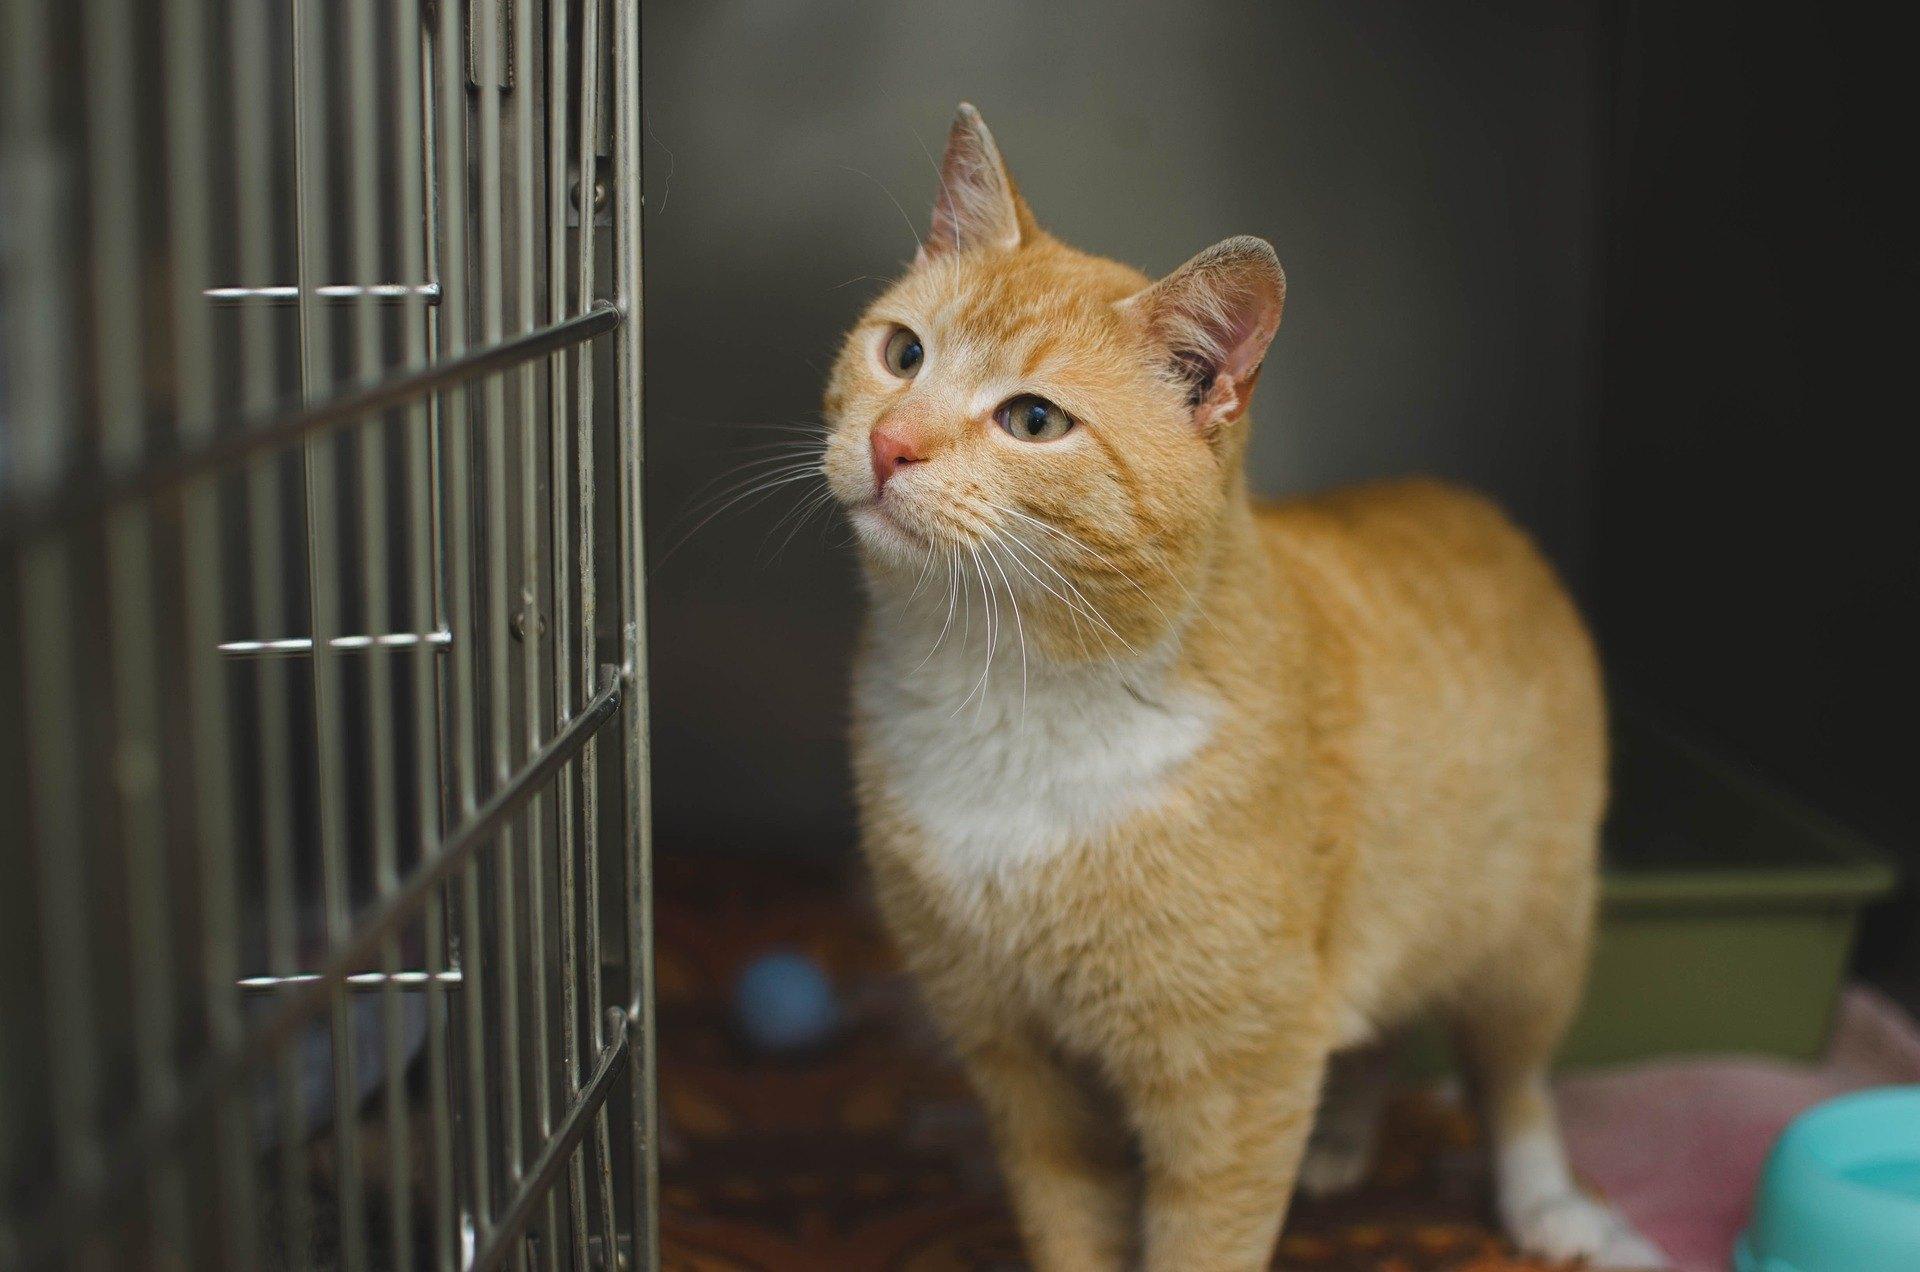 Die Impfung einer Katze ist in Polen nicht obligatorisch. Dank ihm wird das Tier jedoch viele schwere Krankheiten vermeiden.